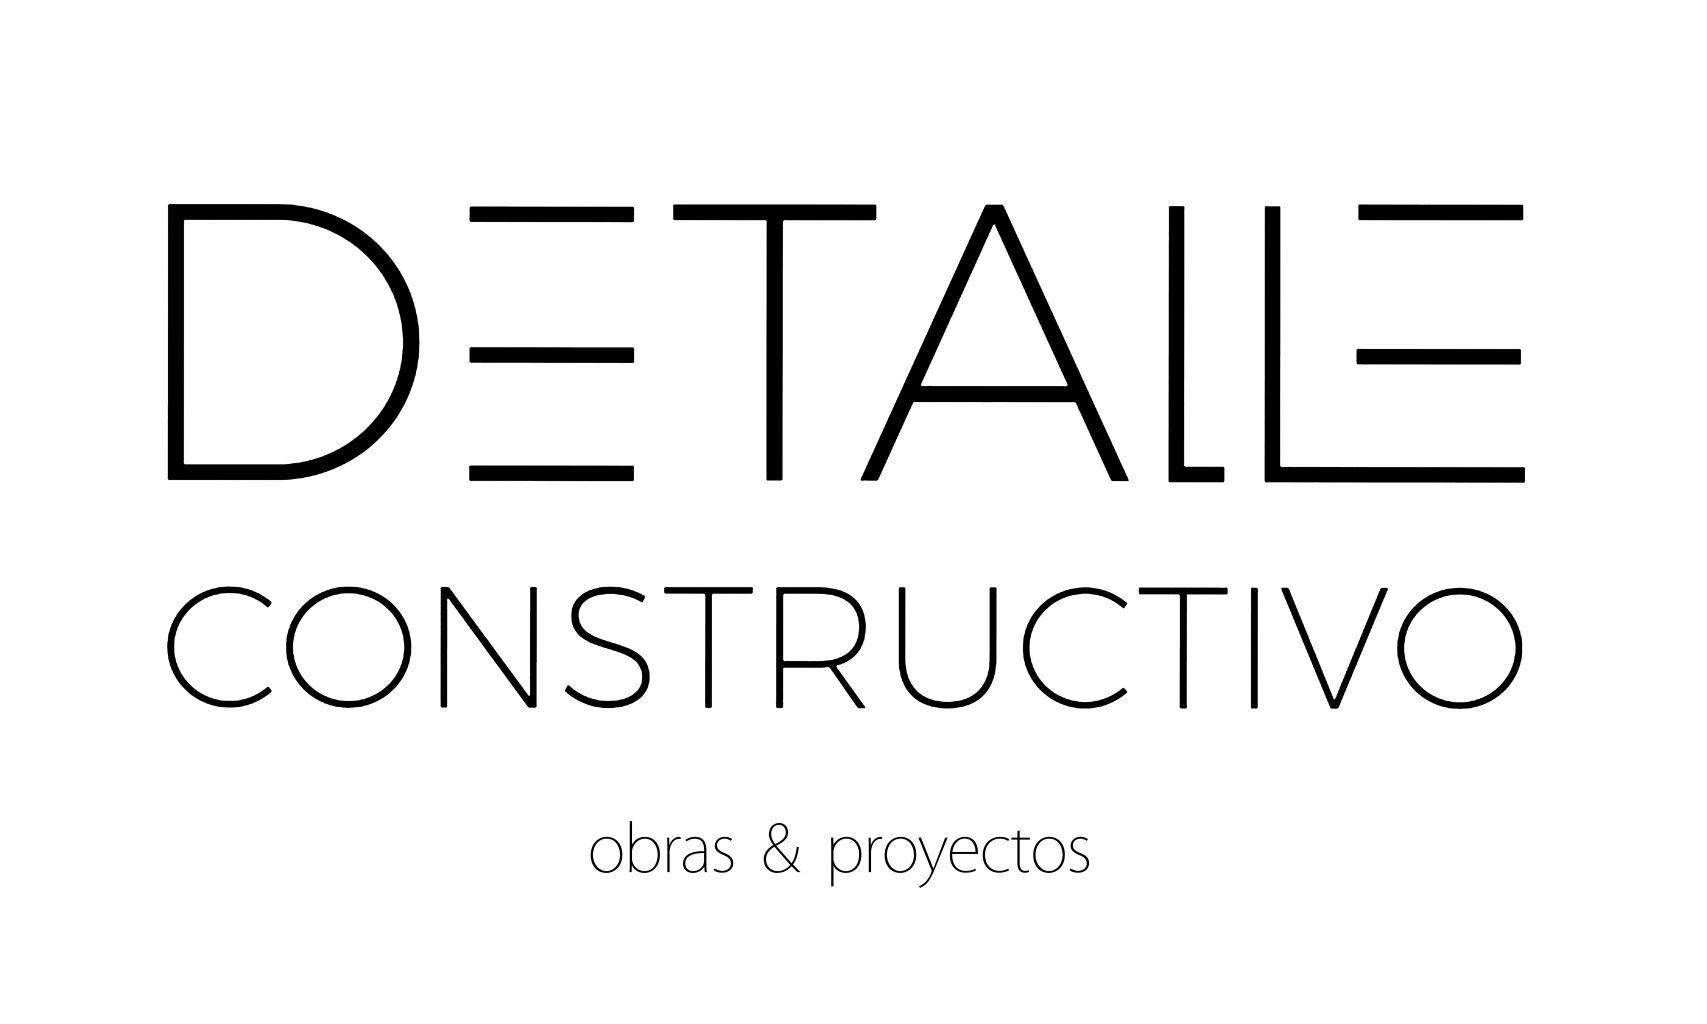 Detalle Constructivo